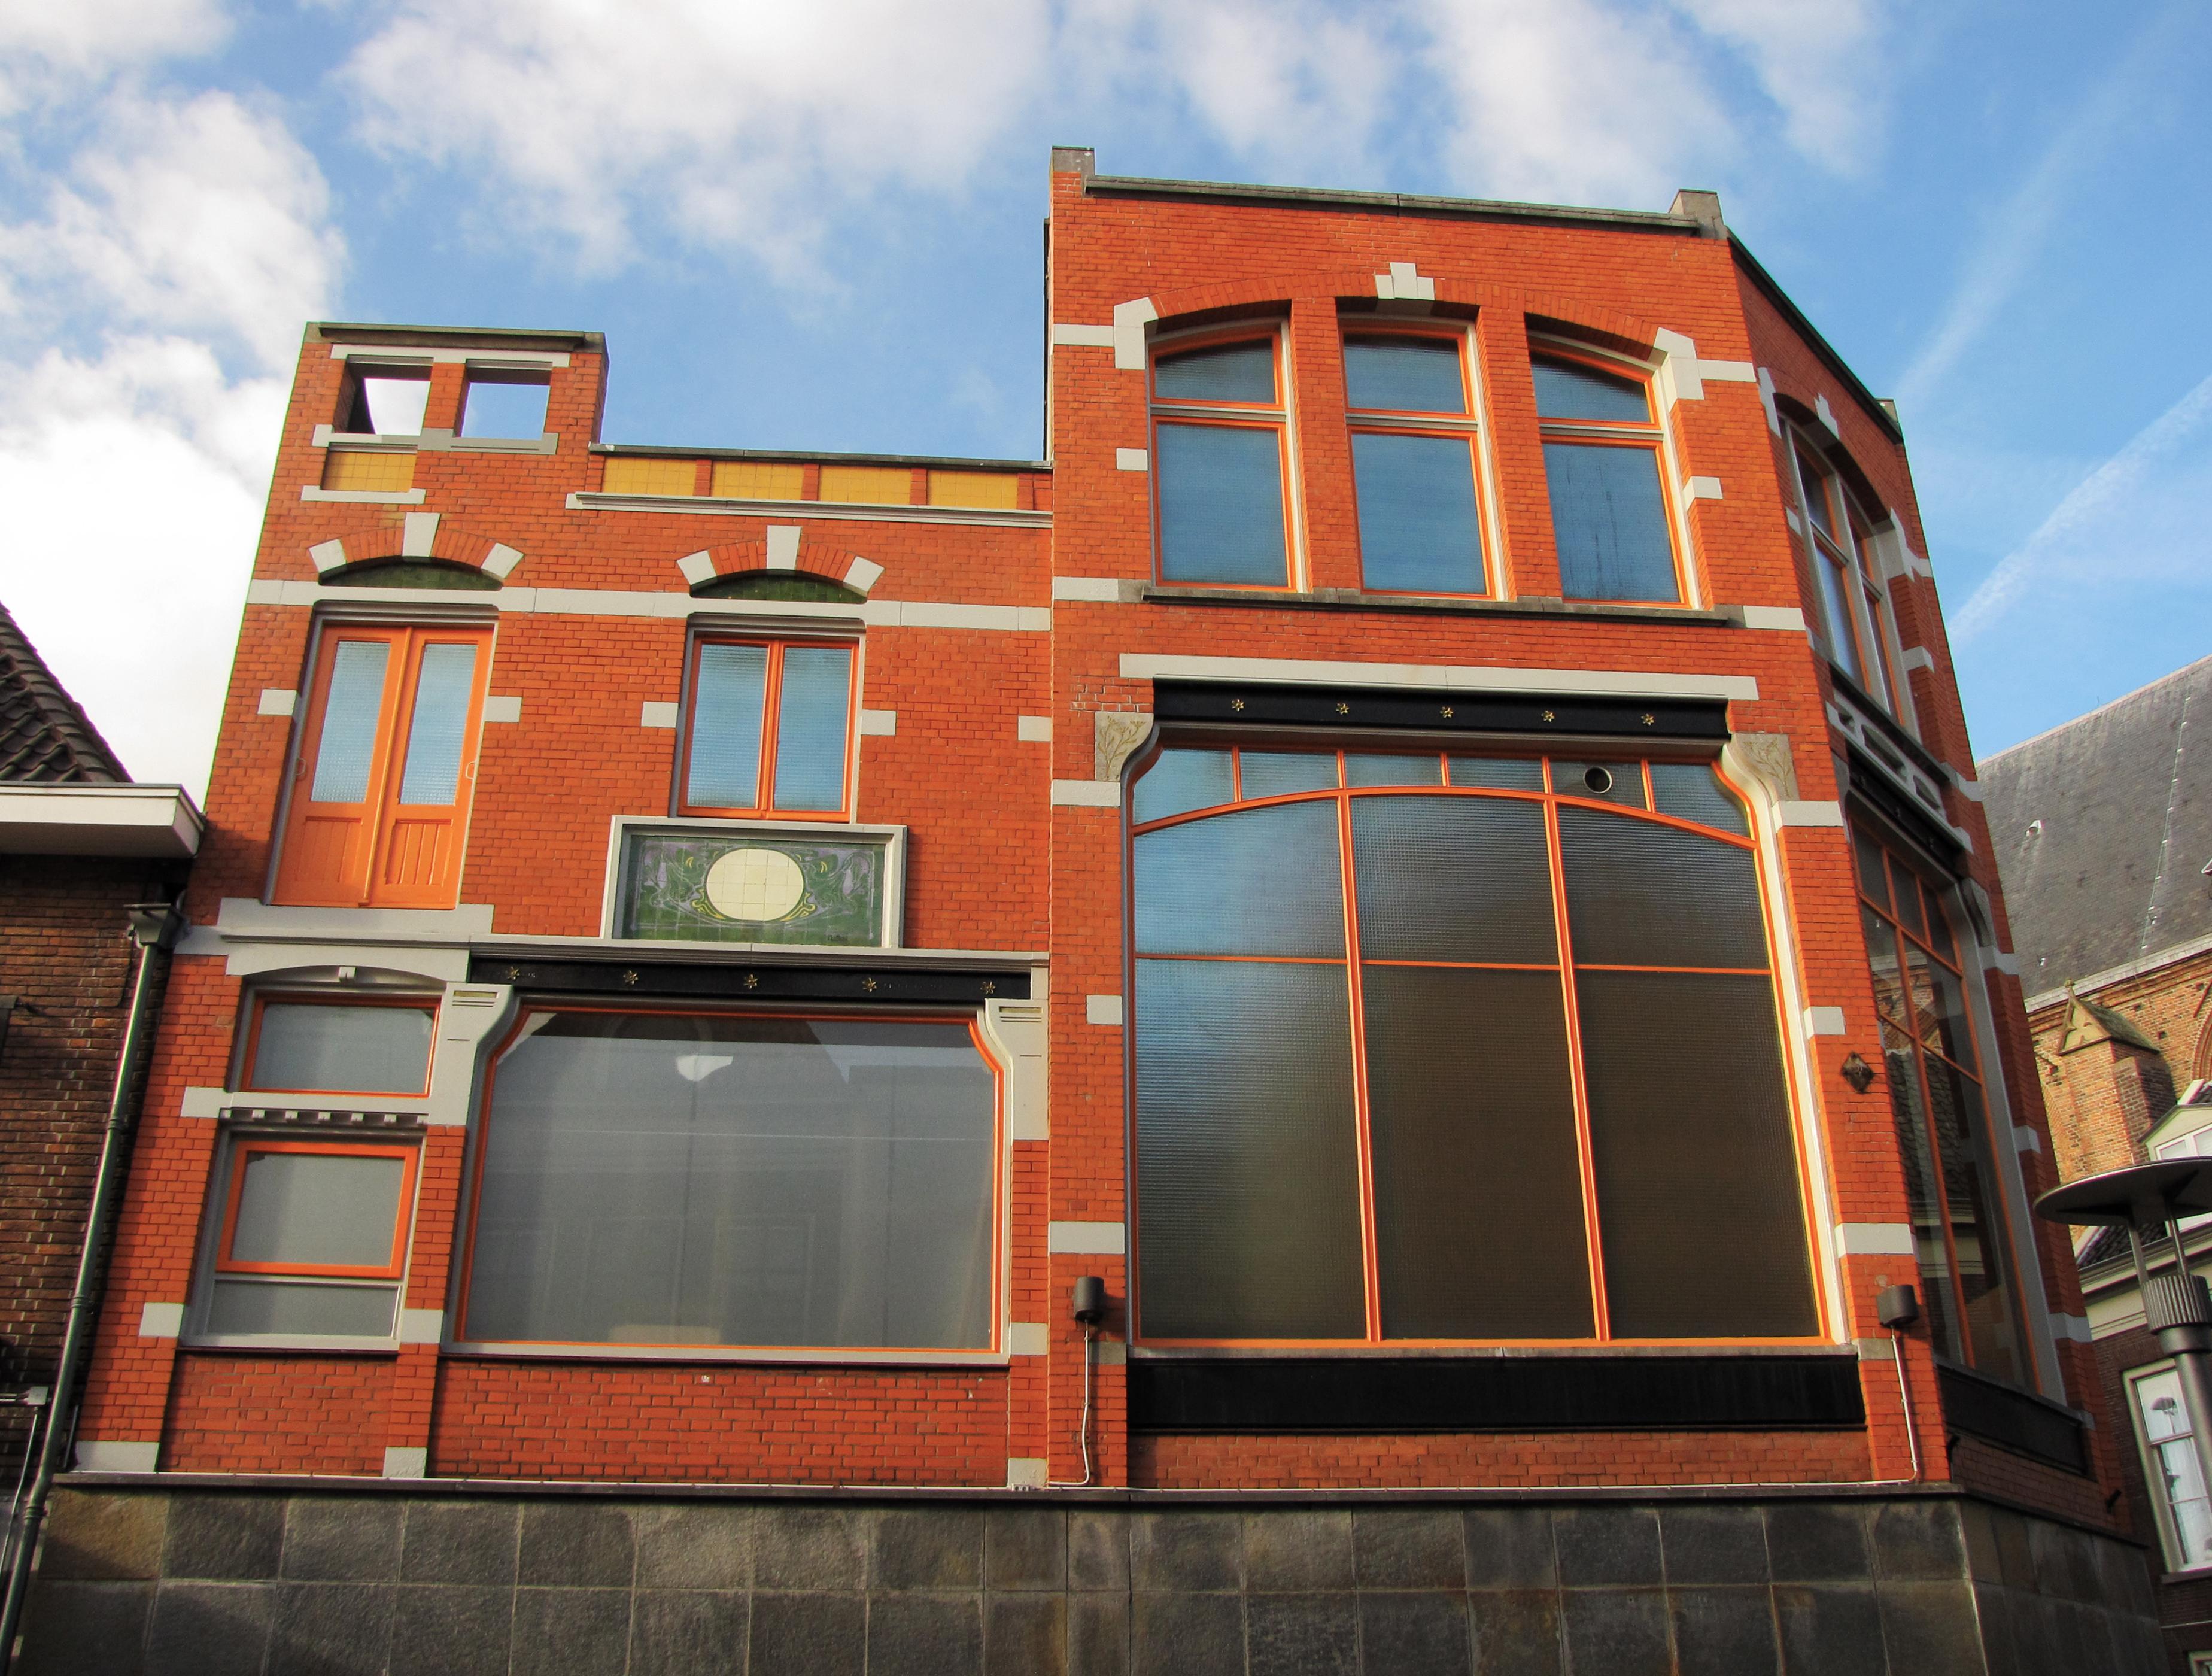 File:Amersfoort, Langestraat 76 oostgevel GM0307-60.jpg